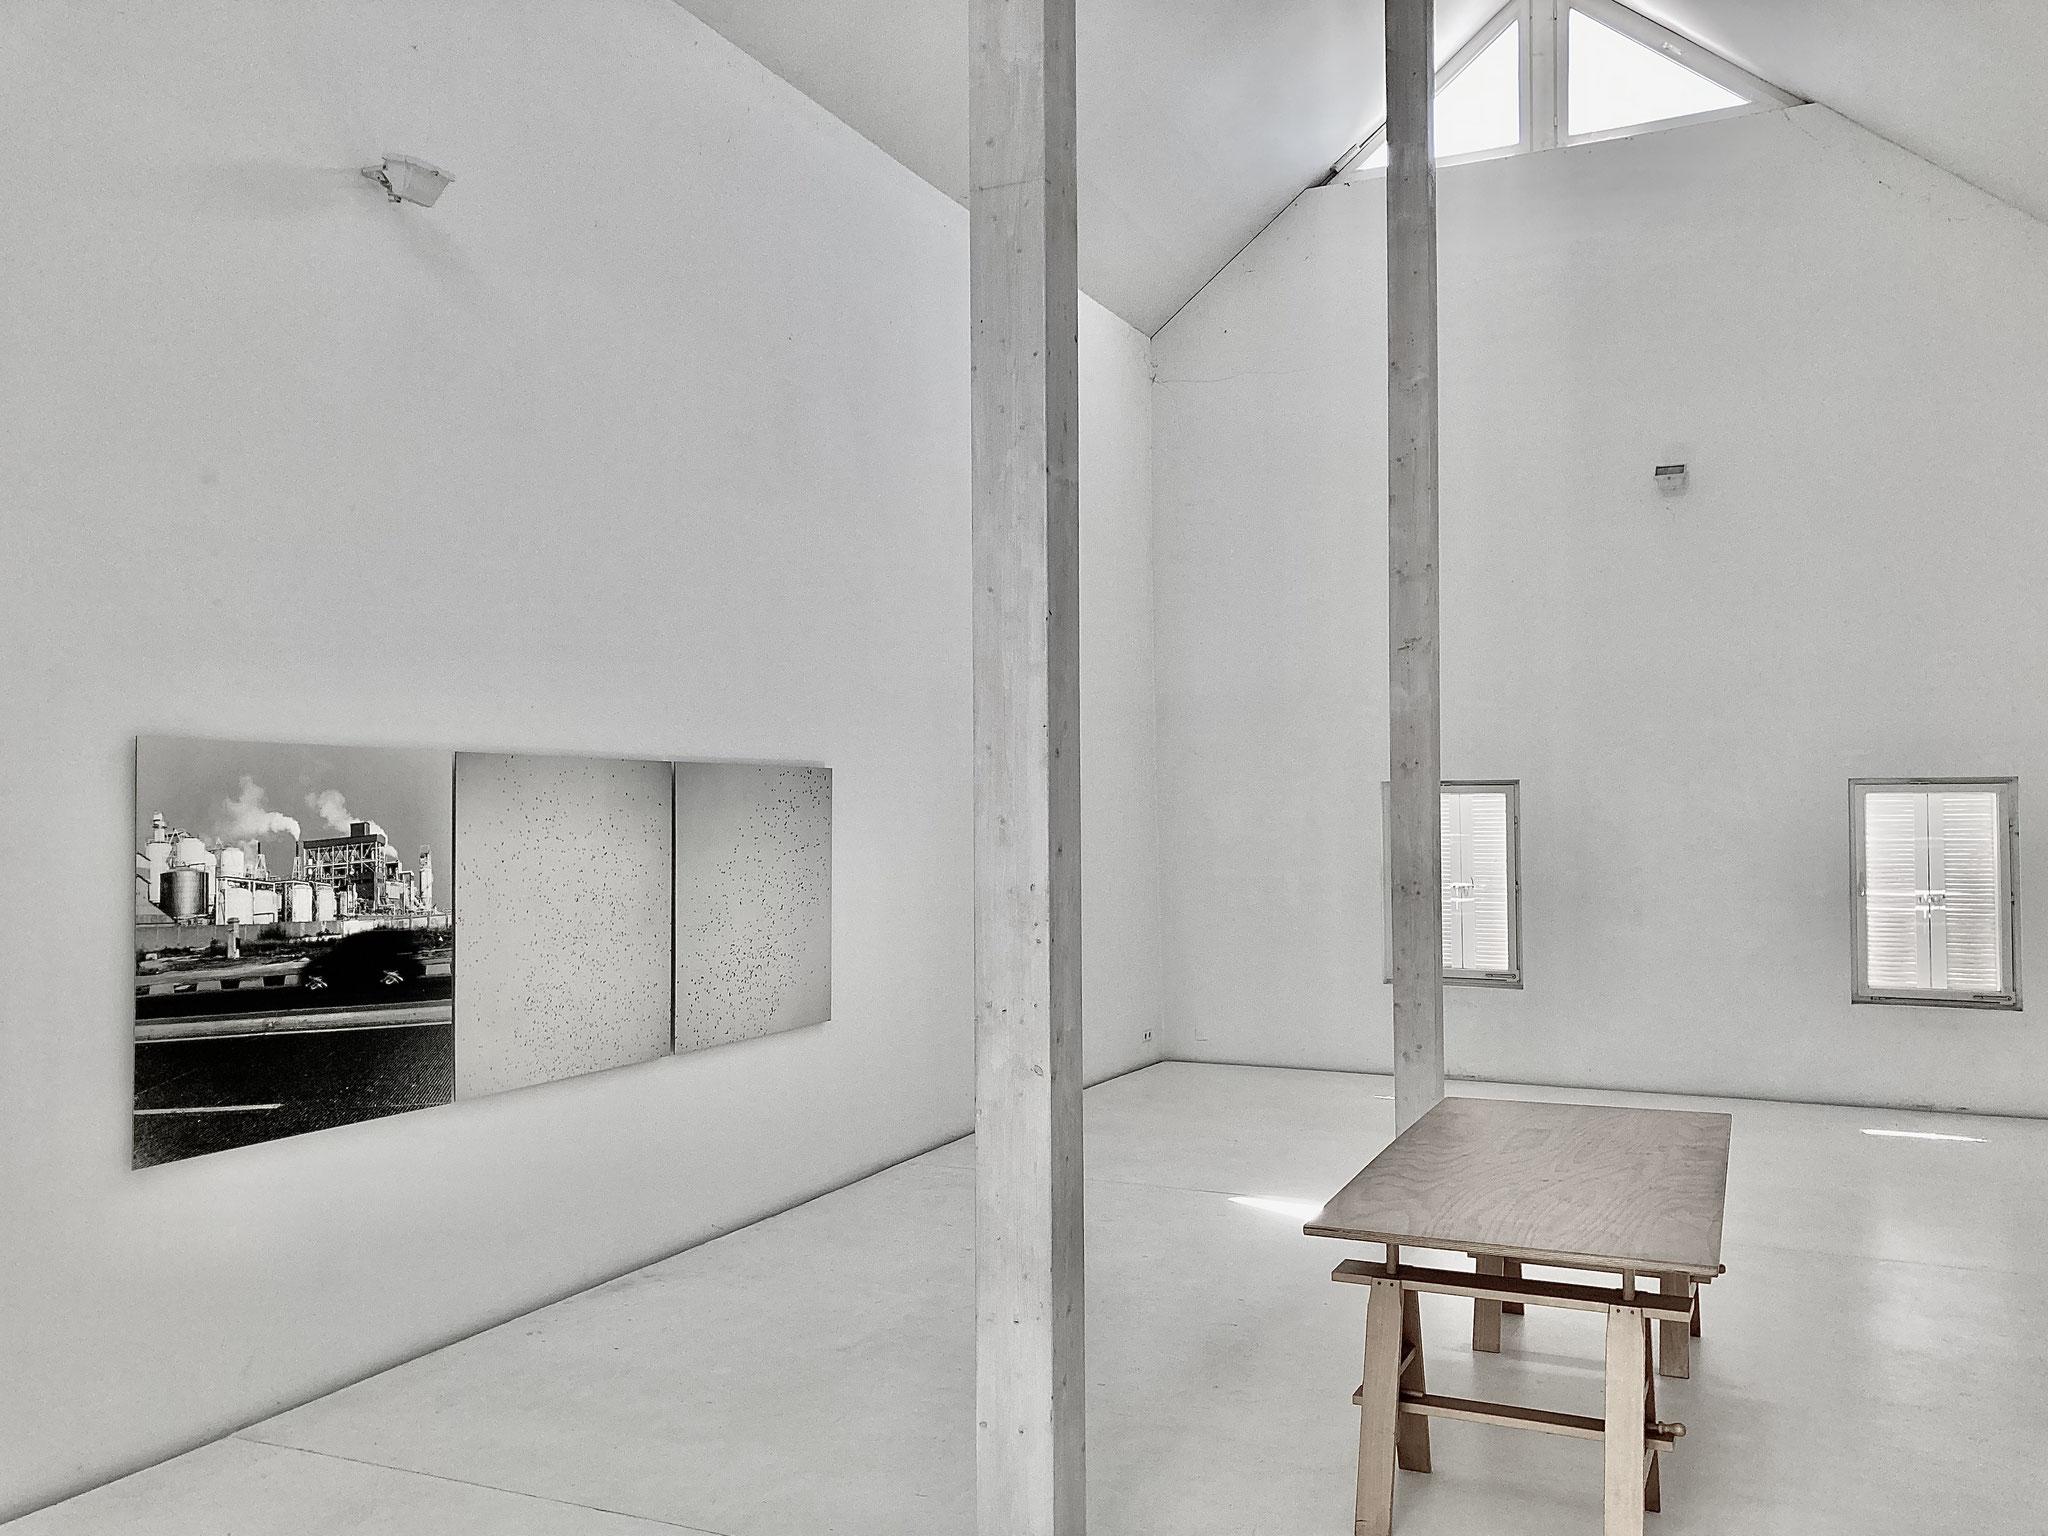 © Uwe H. Seyl exhibition view Brigitte March Stuttgart 2021